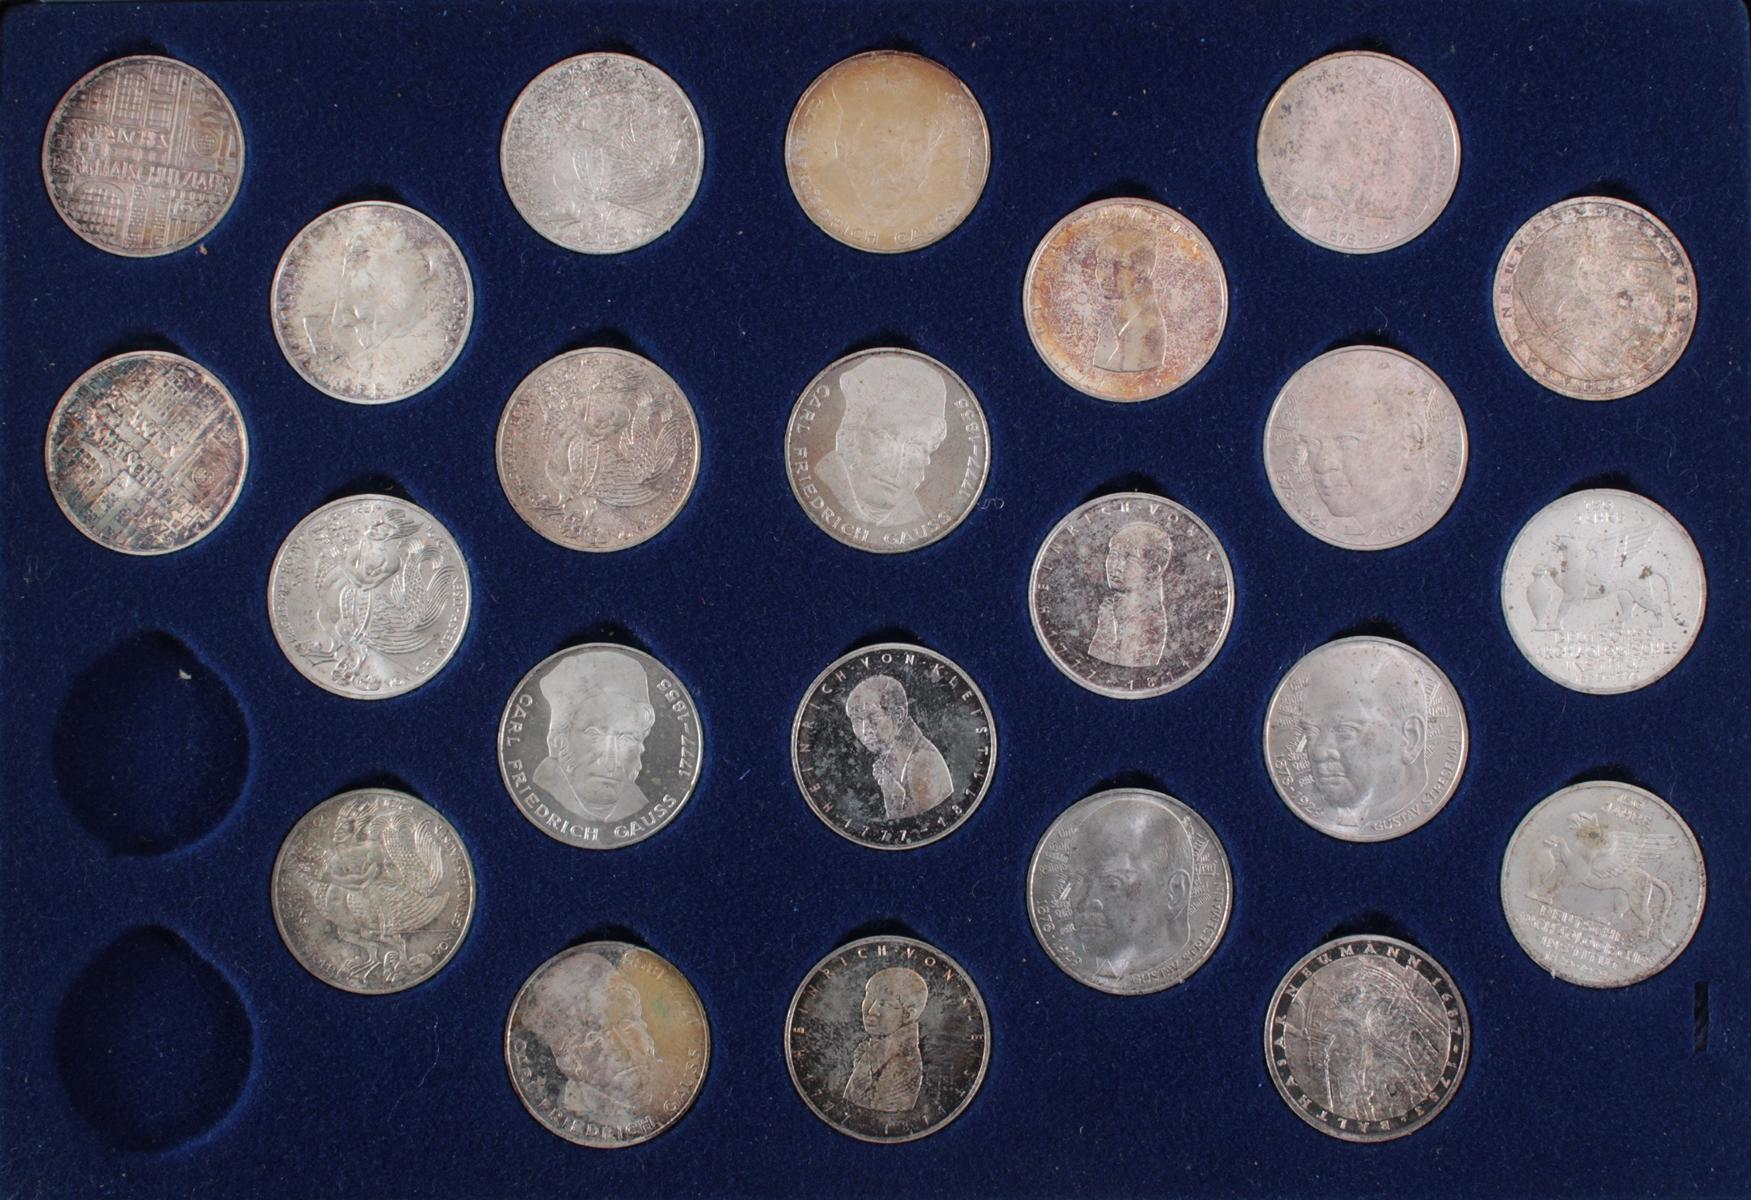 5 DM Sammlung Gedenkmünzen von 1951 bis 1974